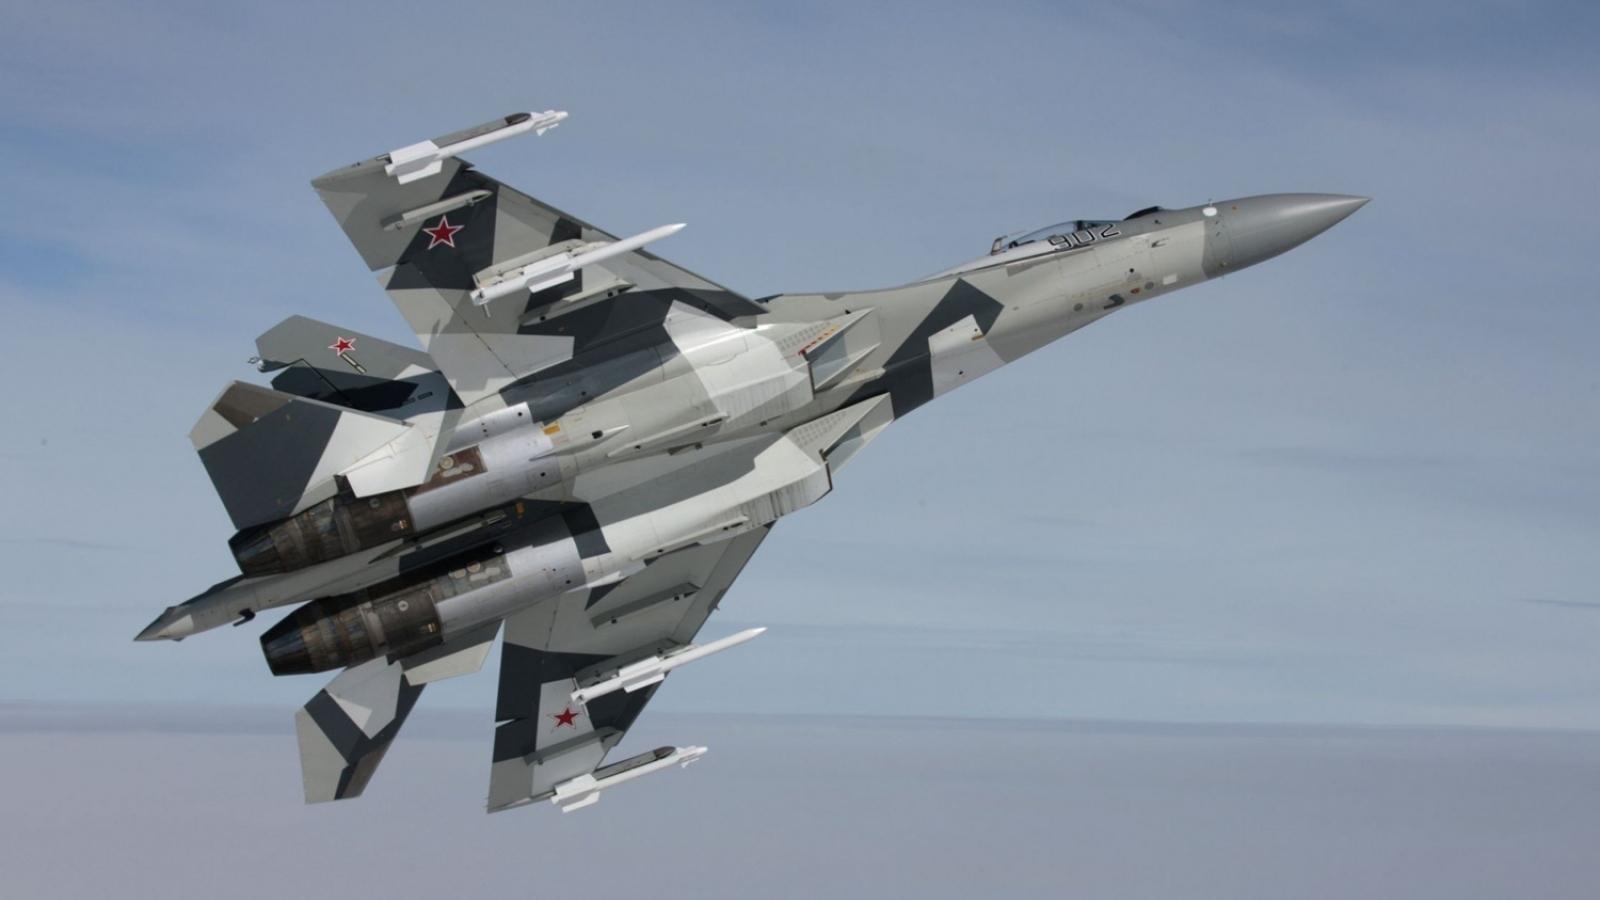 Máy bay Su-35 rơi ở Viễn Đông Nga do lỗi động cơ, phi công thoát chết